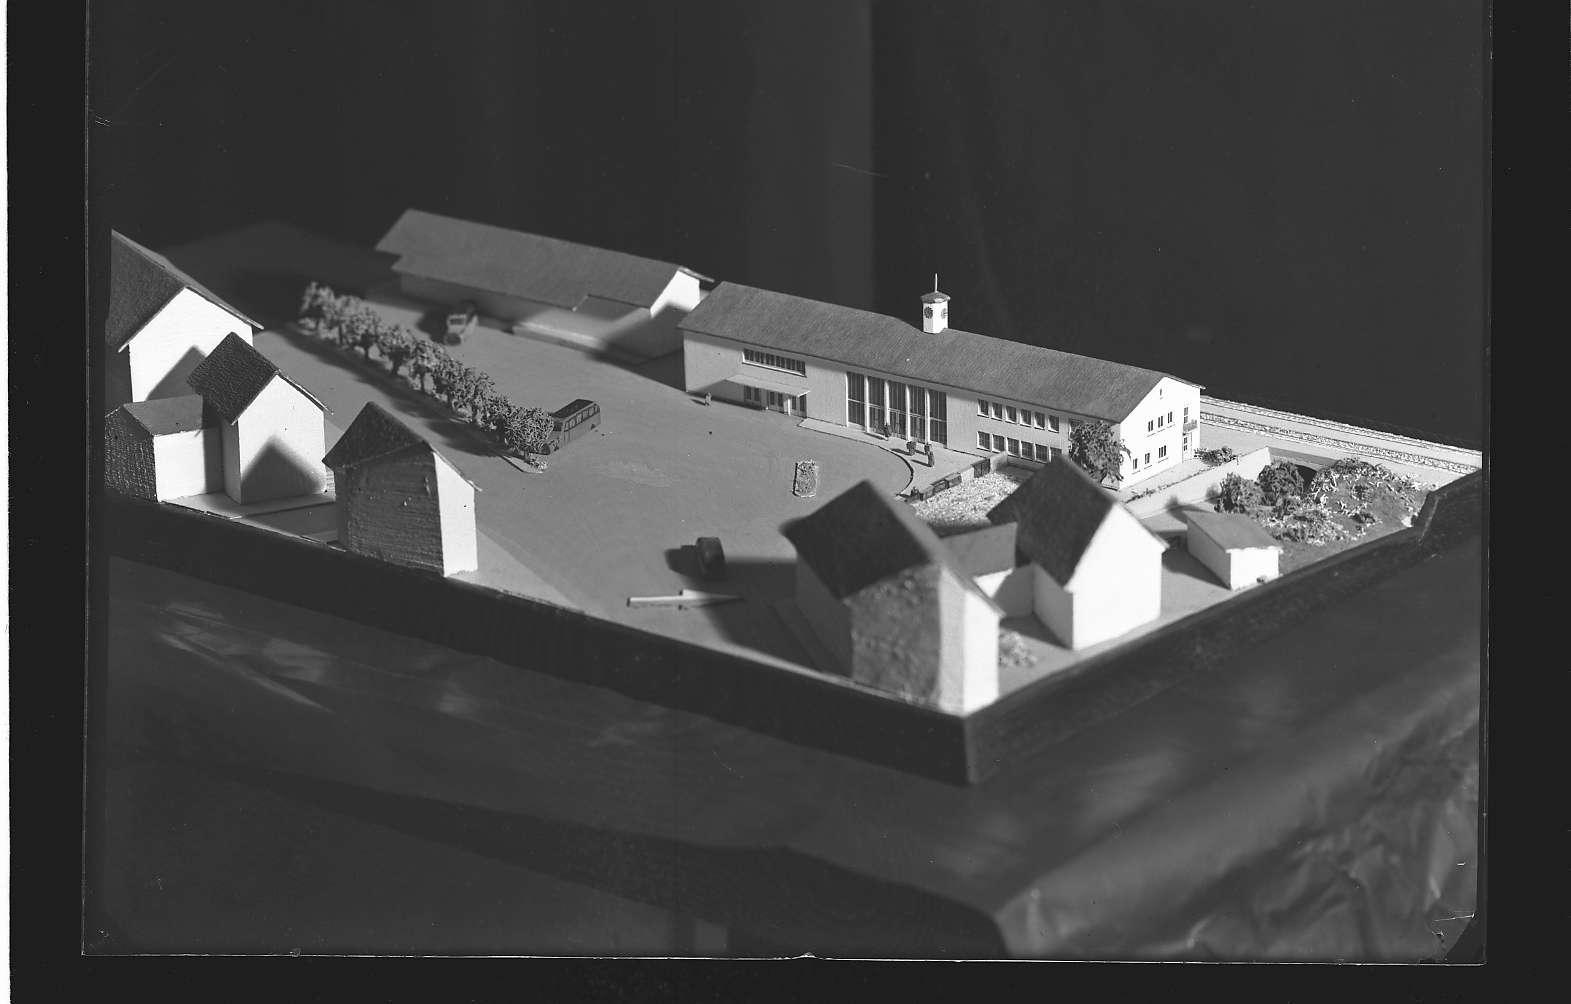 Lauffen am Neckar, Architekturmodell des Empfangsgebäudes, Bild 1